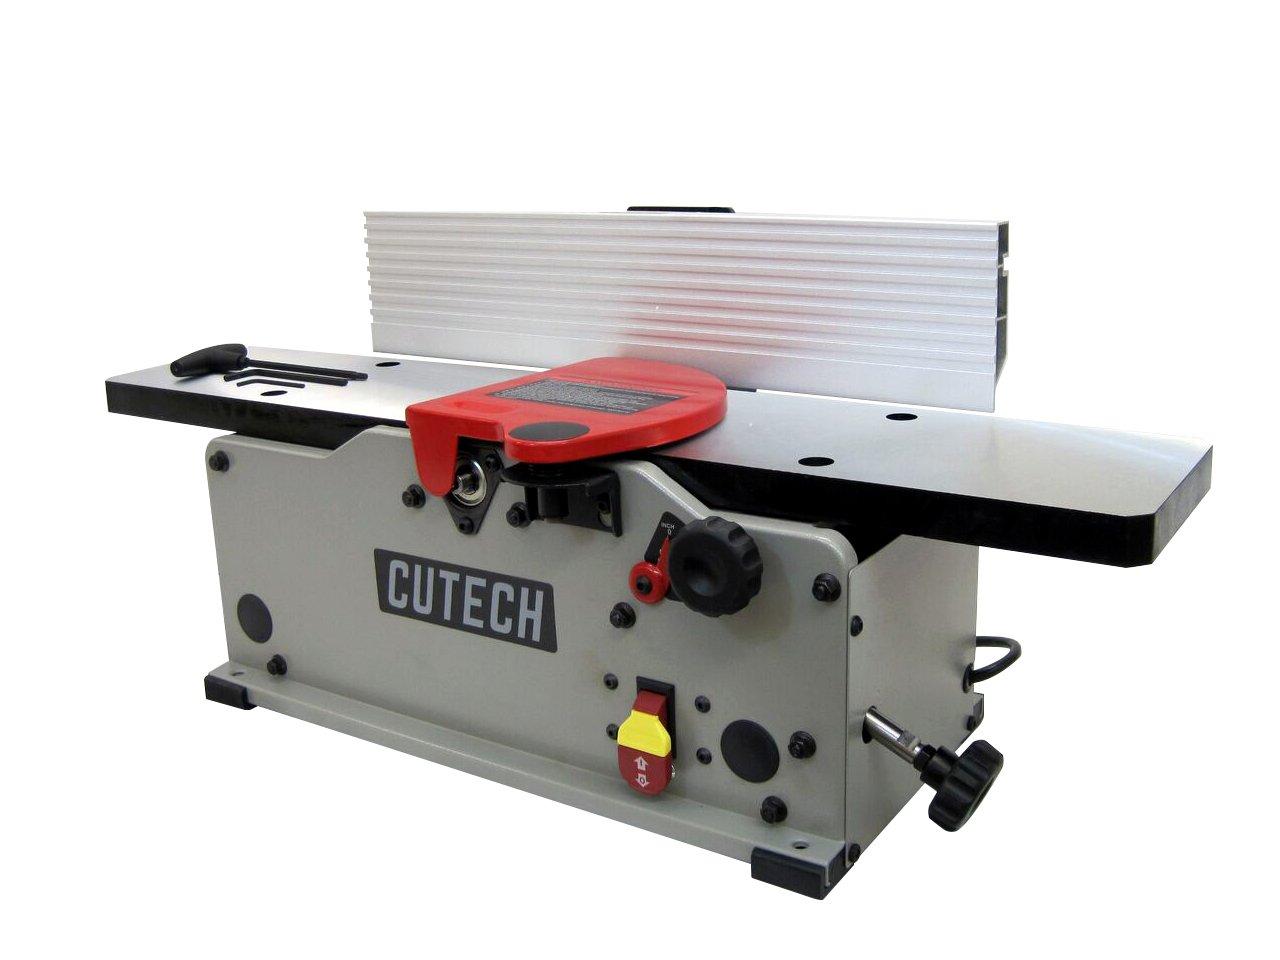 Cutech 40160H-CT 6'' Bench Top Spiral Cutterhead Jointer by Cutech